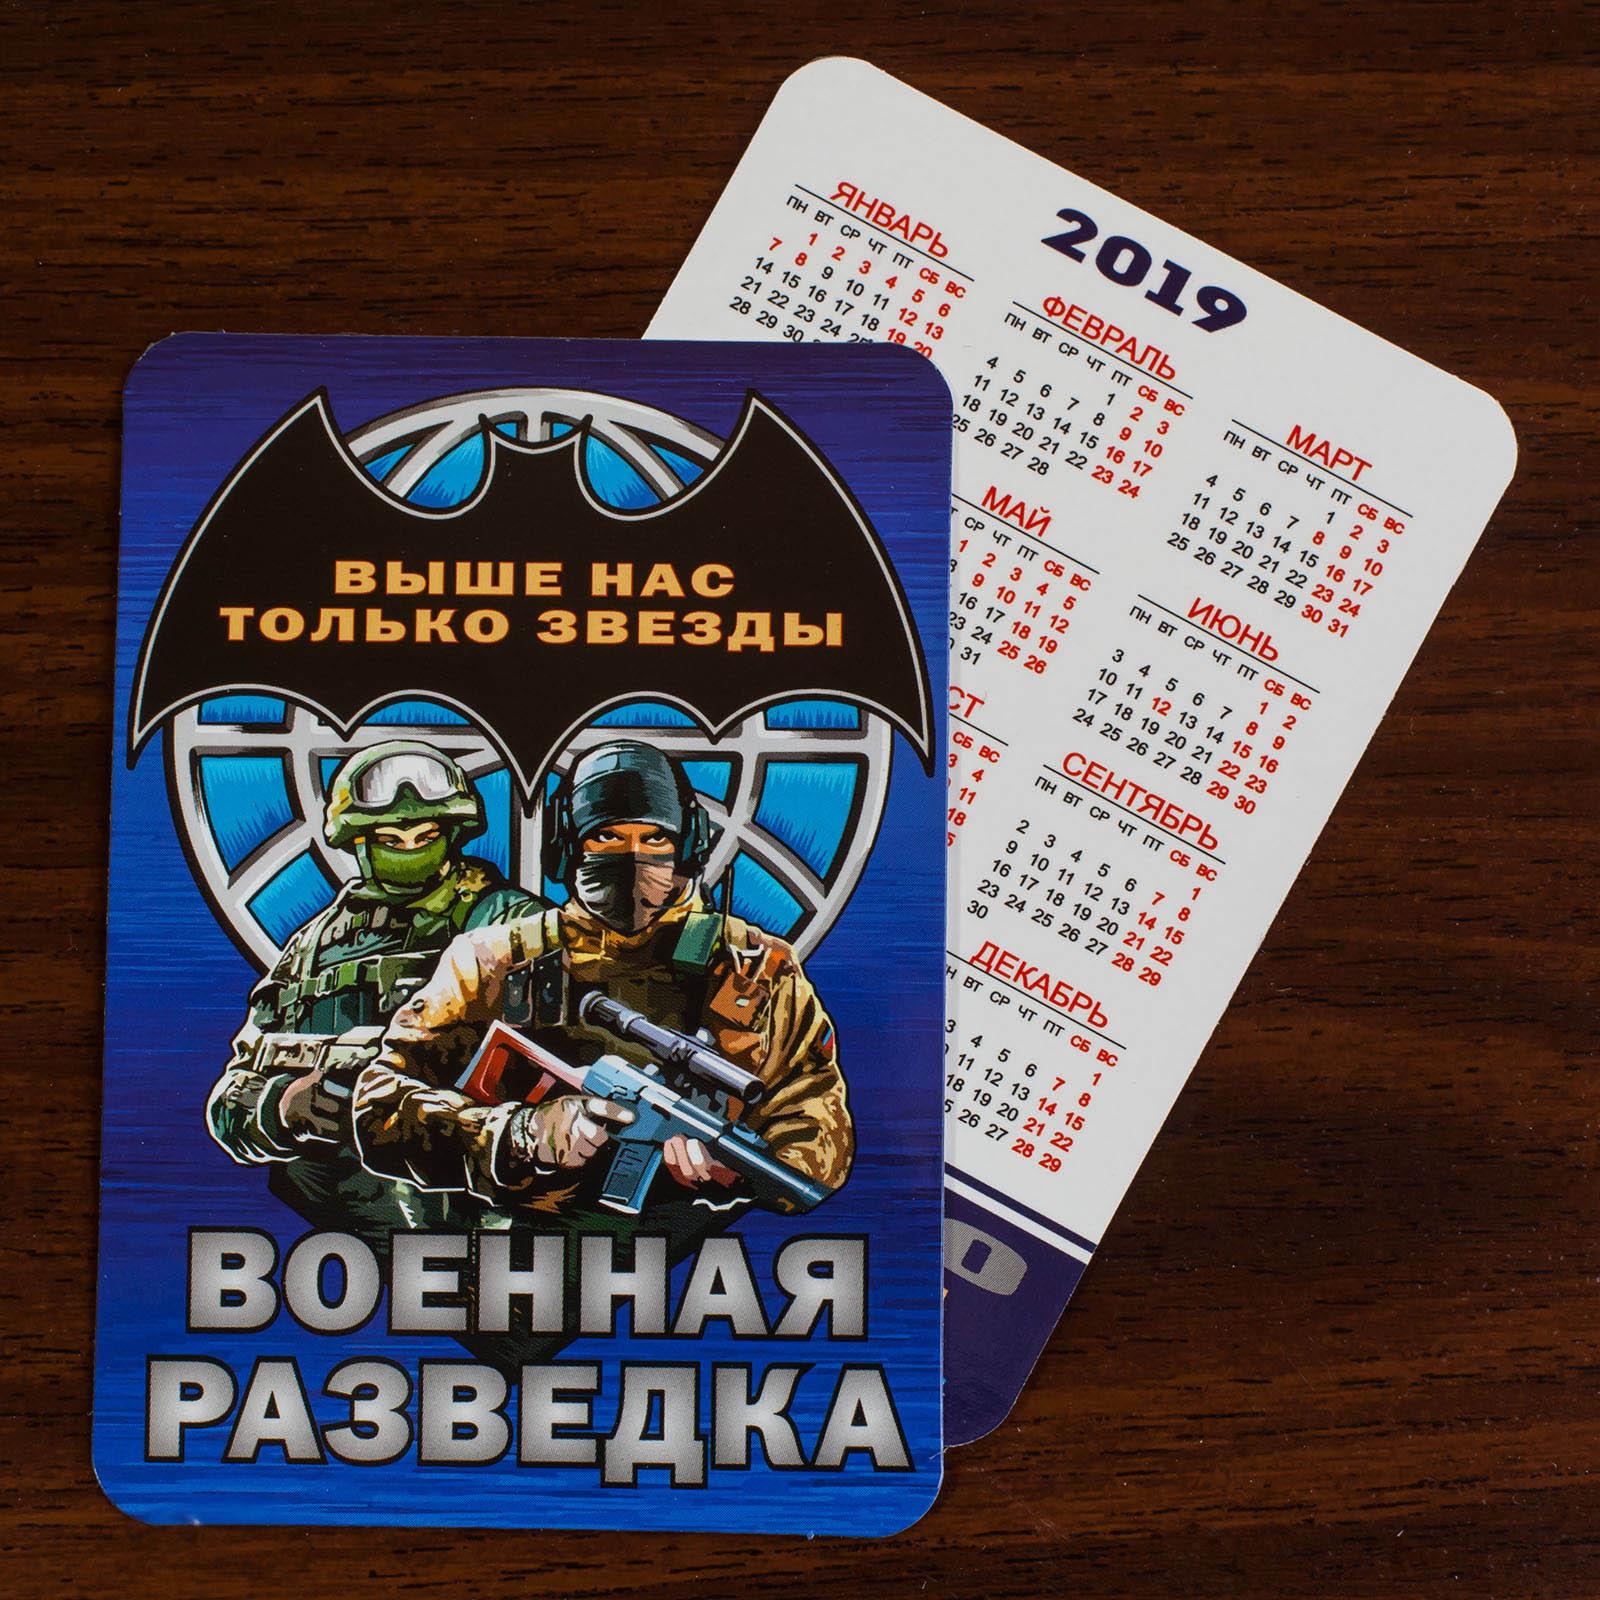 """Маленький календарь """"Военная разведка"""" на 2019 год"""